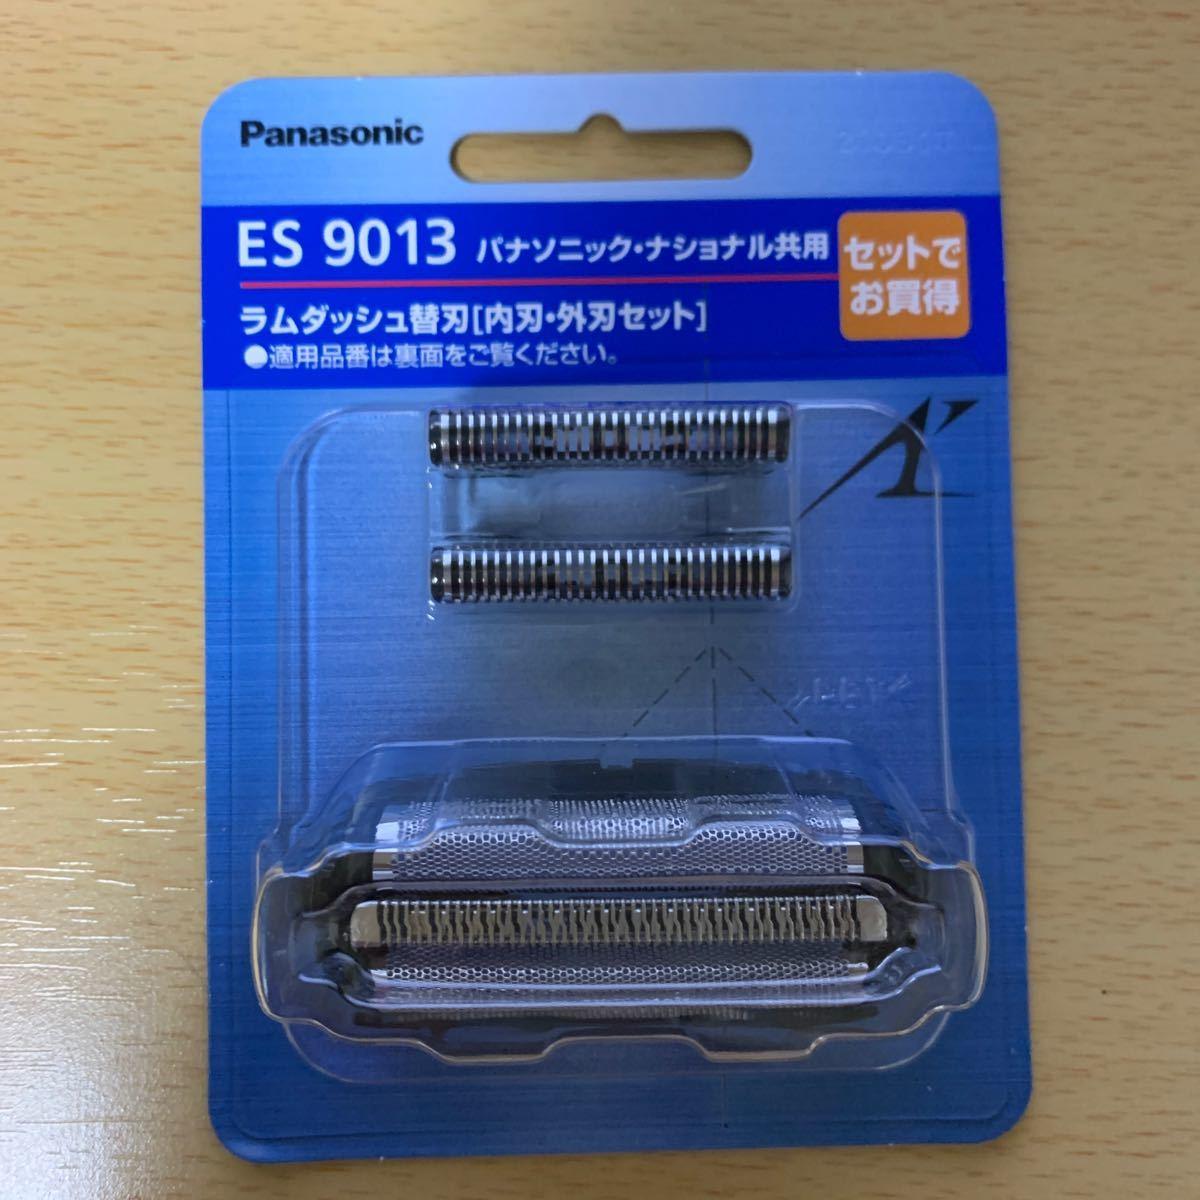 パナソニックラムダッシュ 替刃 Es-9013